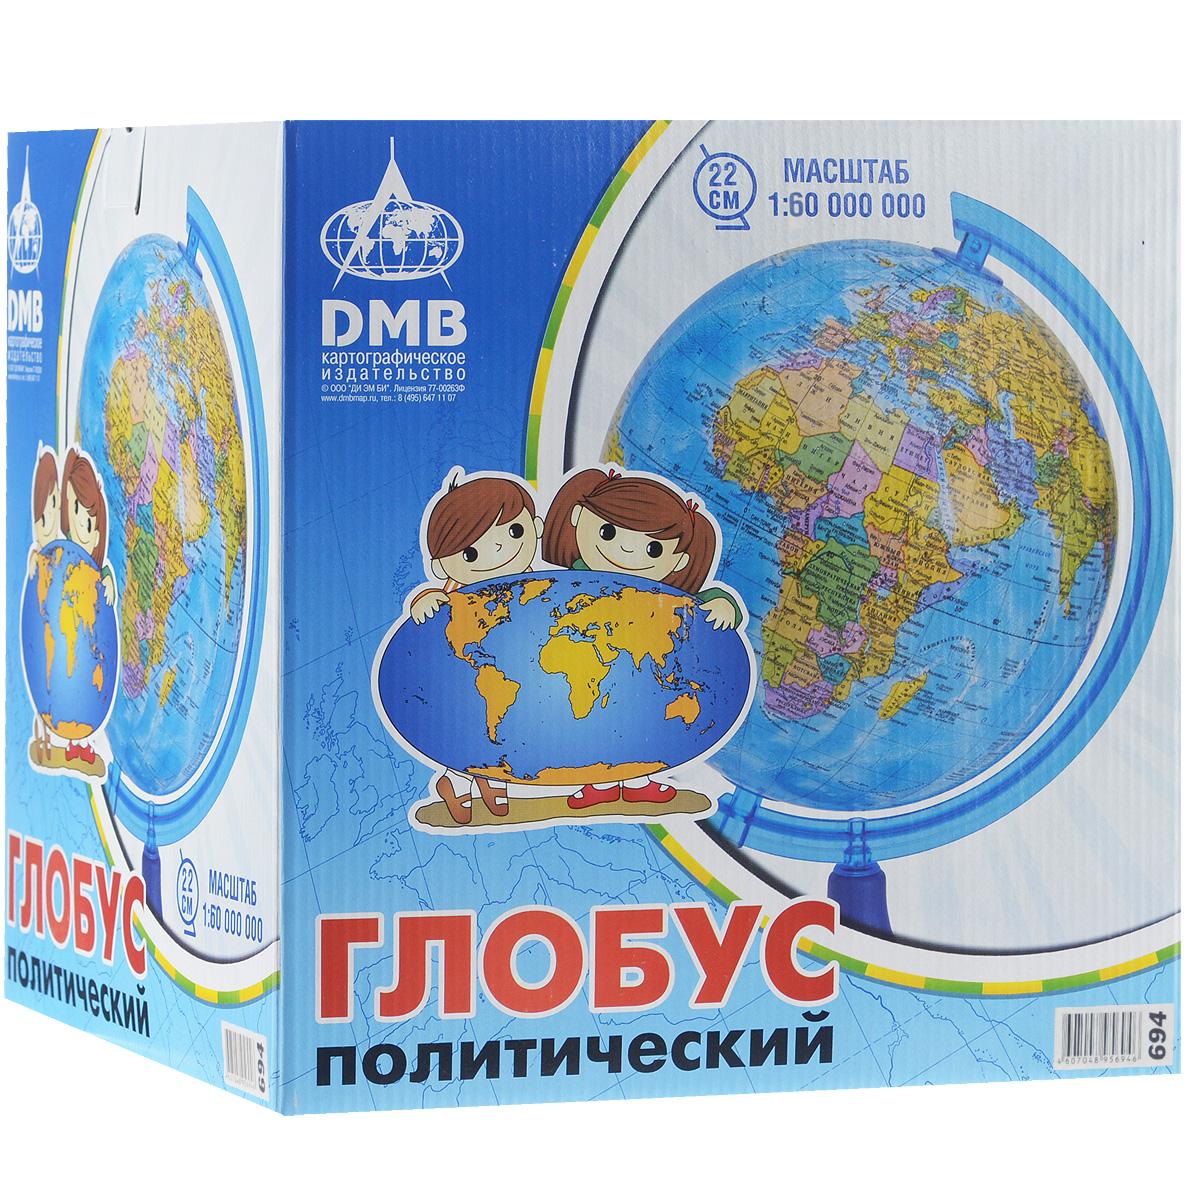 """Глобус """"DMB"""", c политической картой мира, диаметр 22 см"""